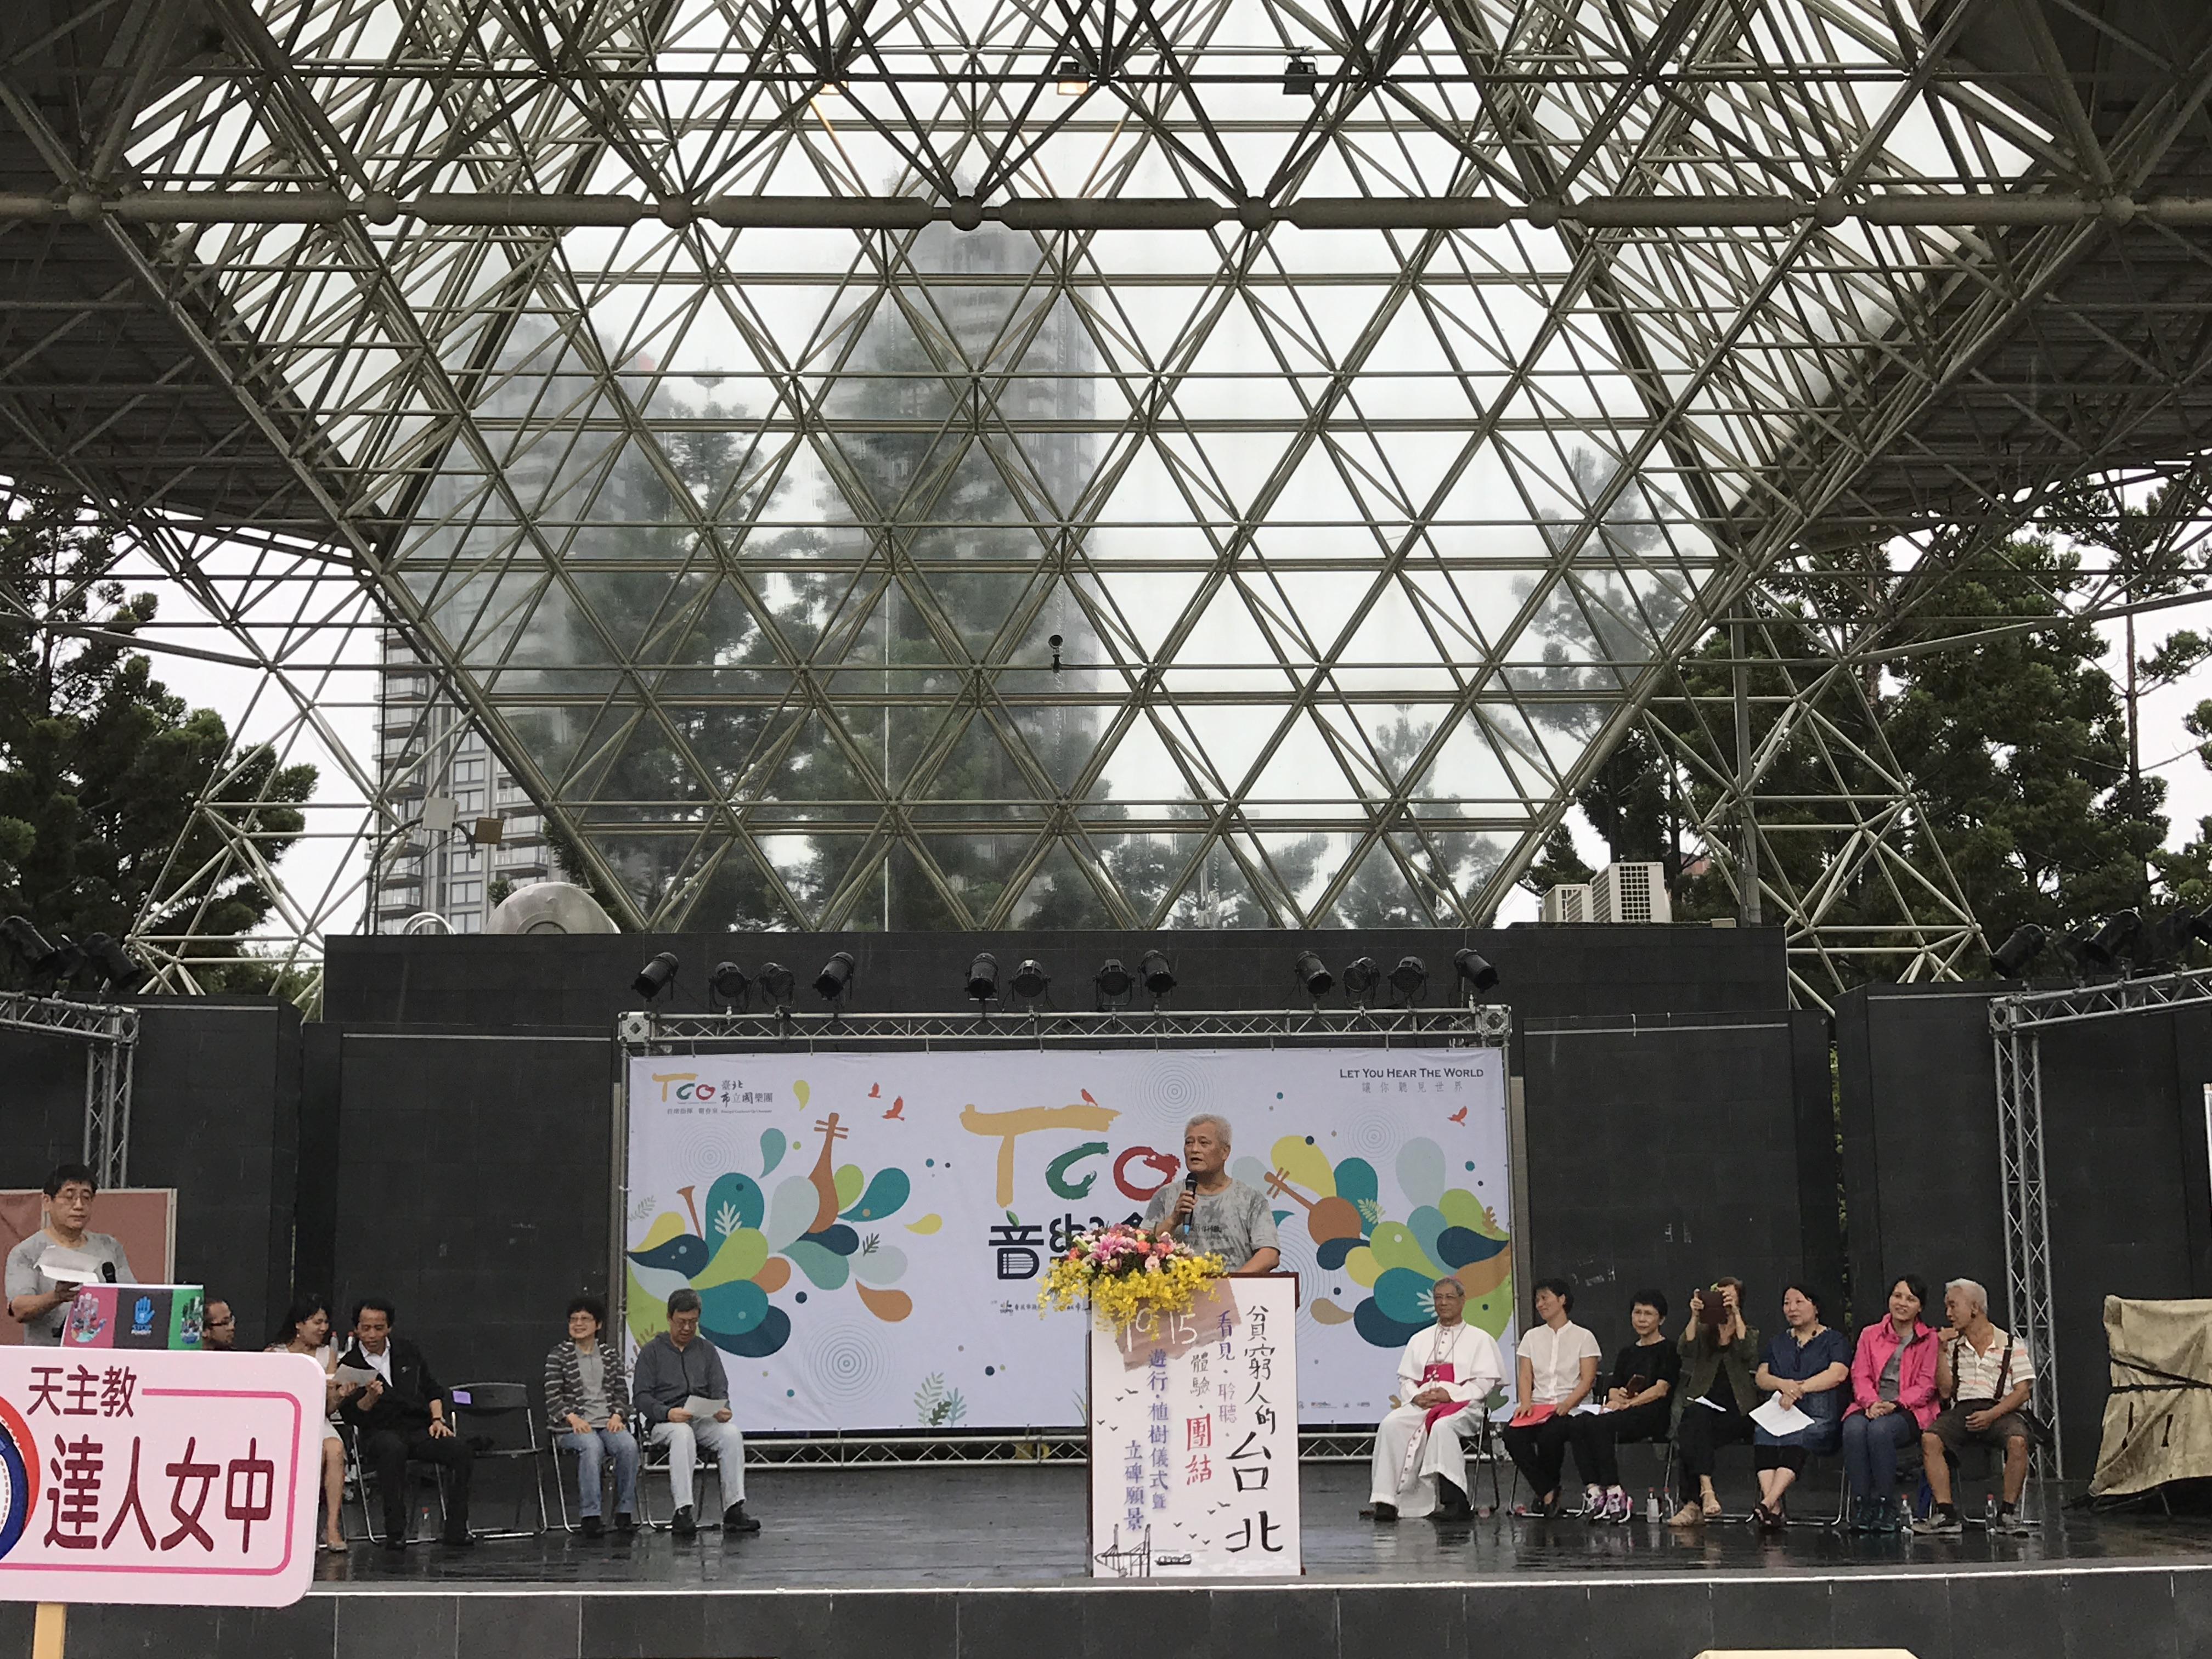 監察院響應《貧窮人的台北》活動 攜手種下希望之樹